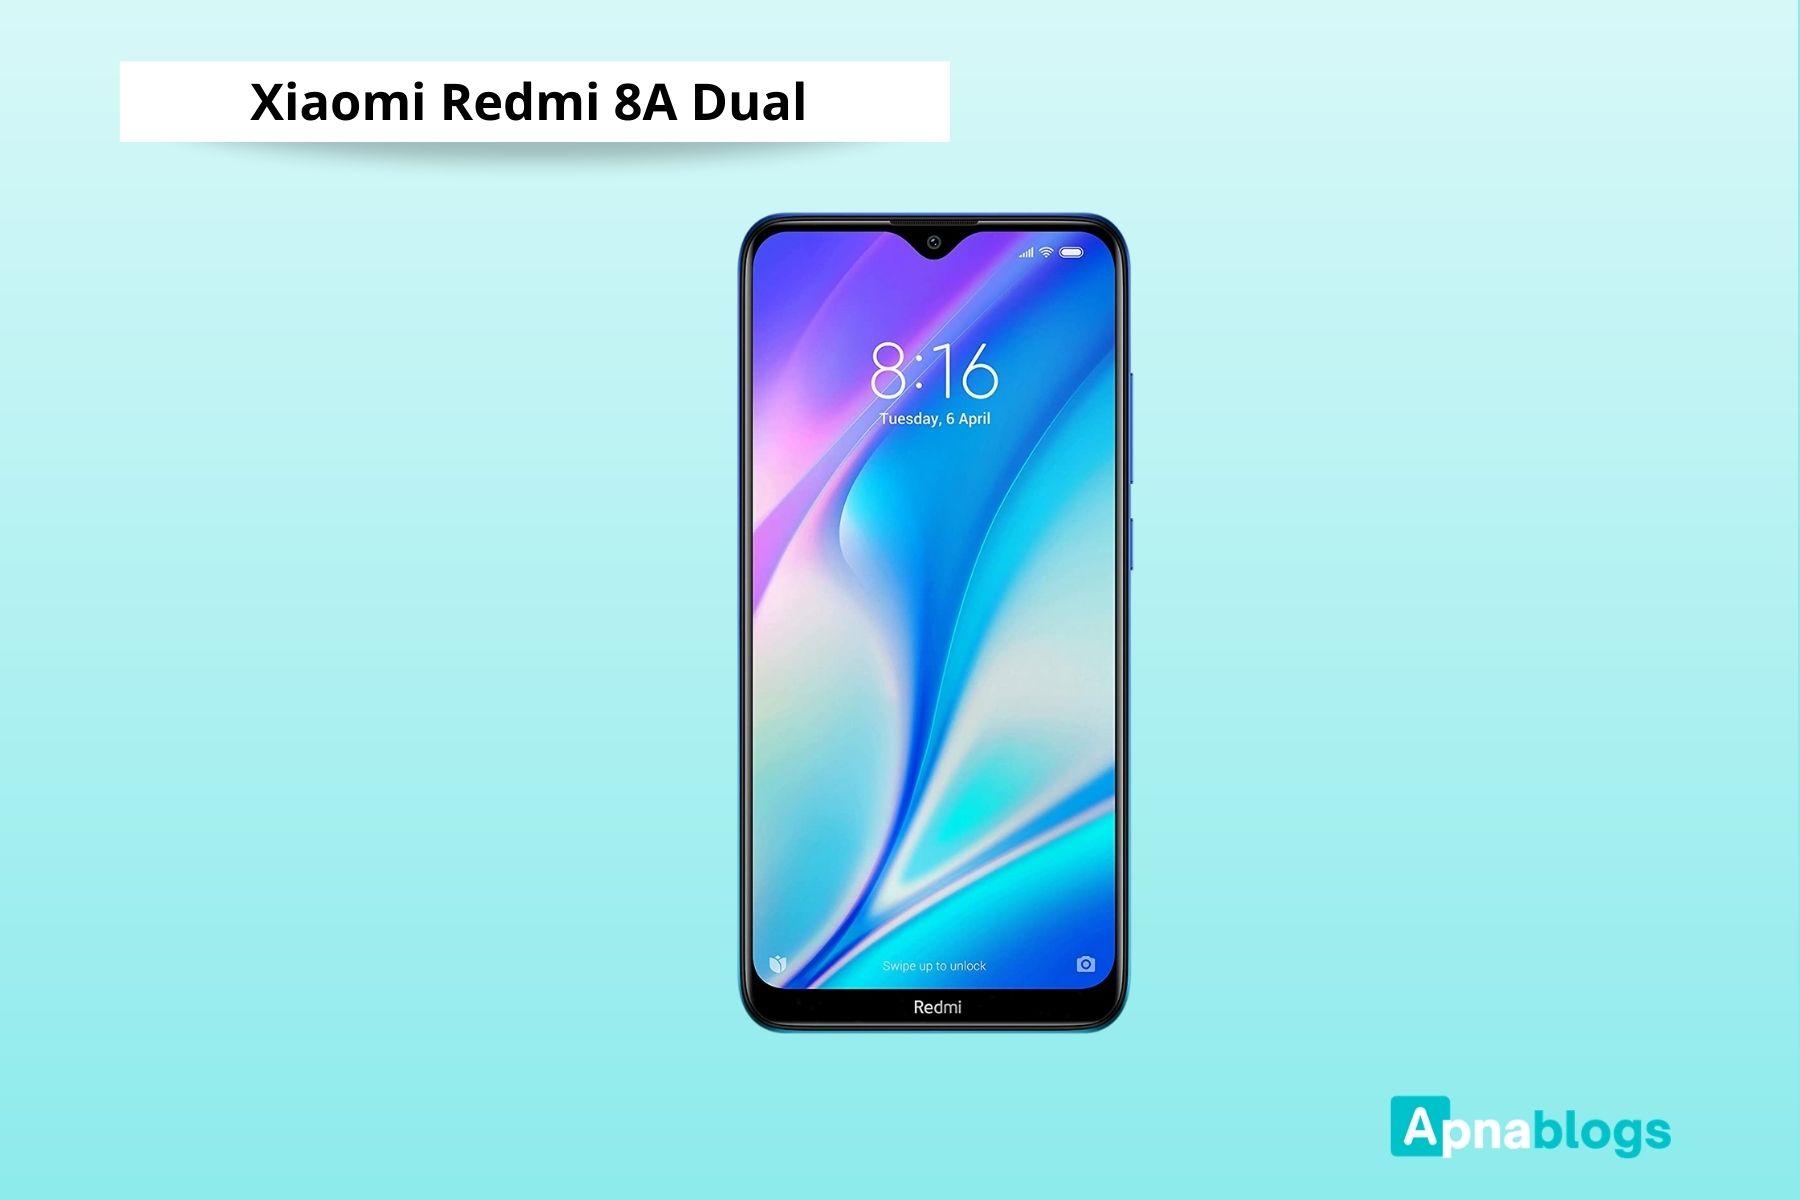 Xiaomi Redmi 8A Dual